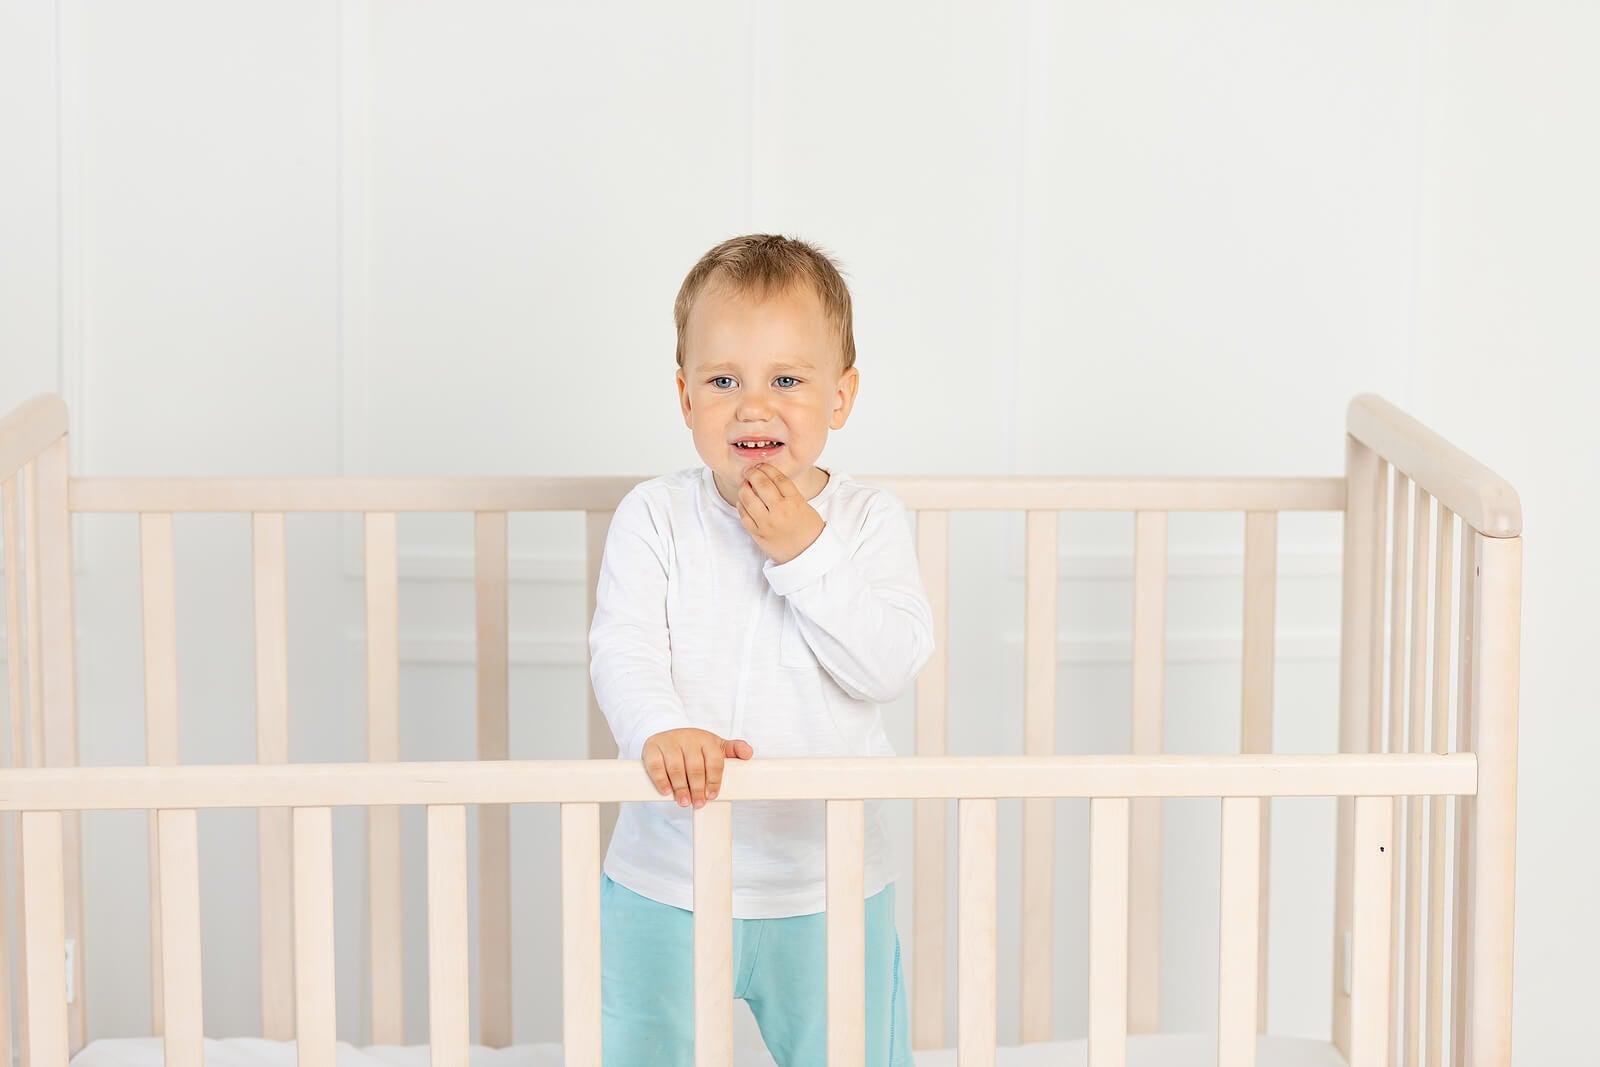 Niño llorando en su cuna tras pasar el bebé a su propia habitación.